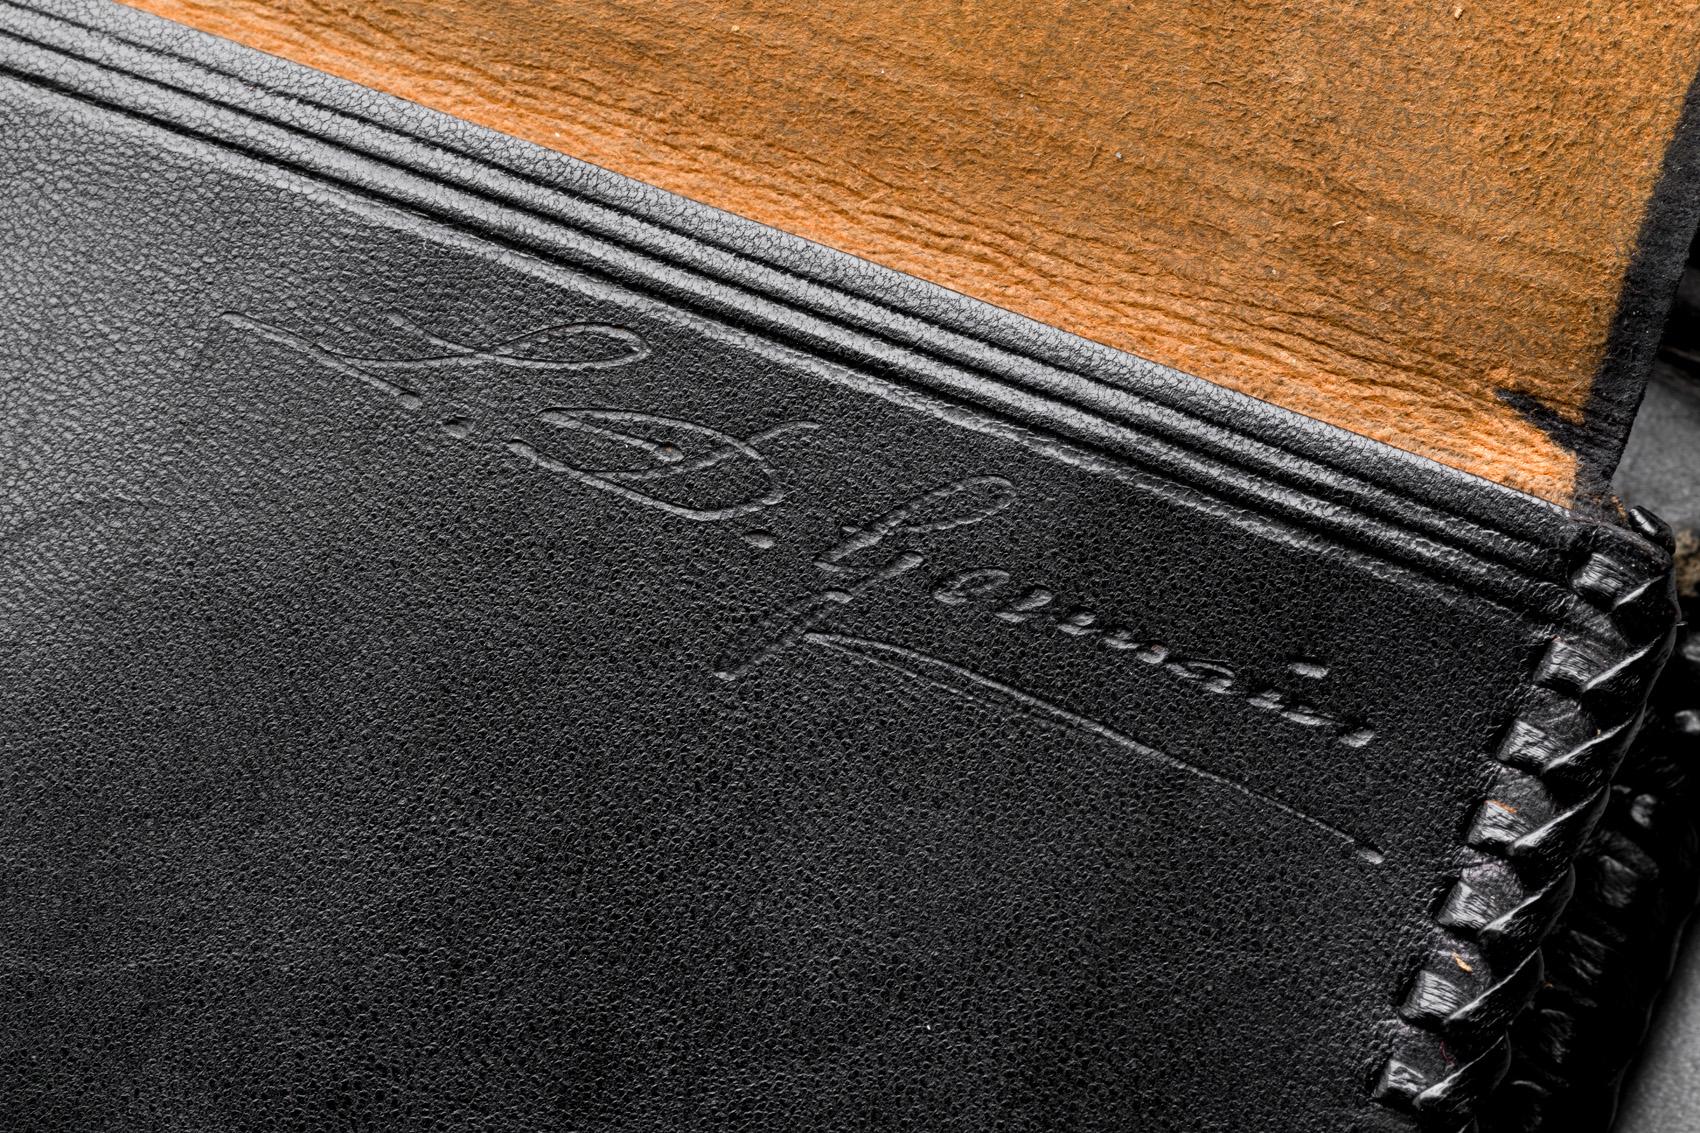 Černá obdélníková kabelka do ruky s černou výšivkou, detail